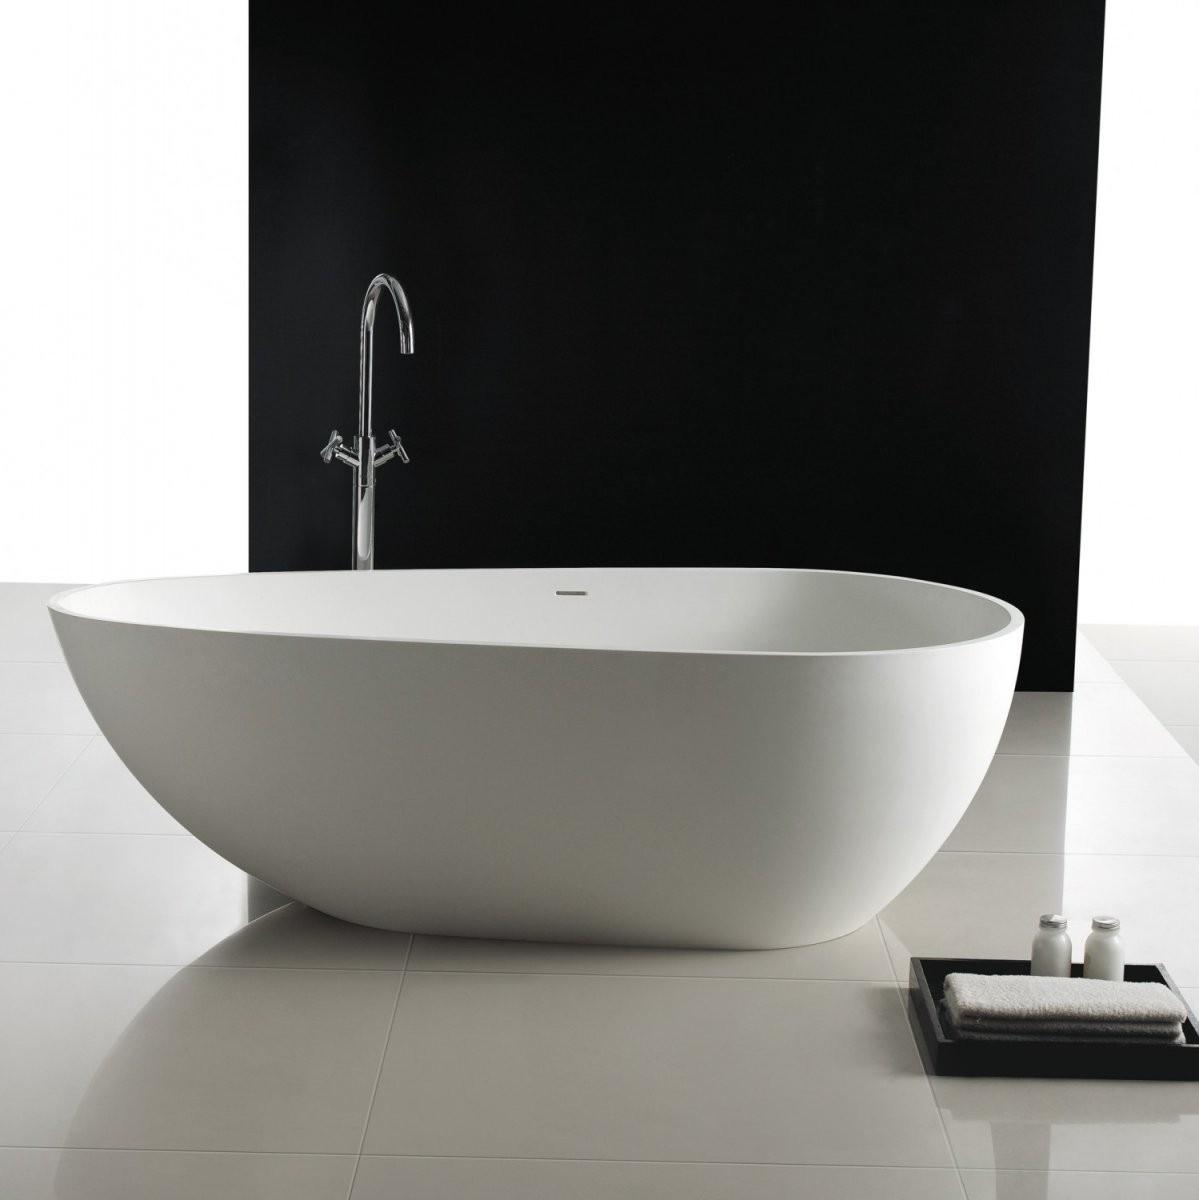 Produkt Kategorie Wannen  Stilform von Freistehende Badewanne Mineralguss Oder Acryl Bild